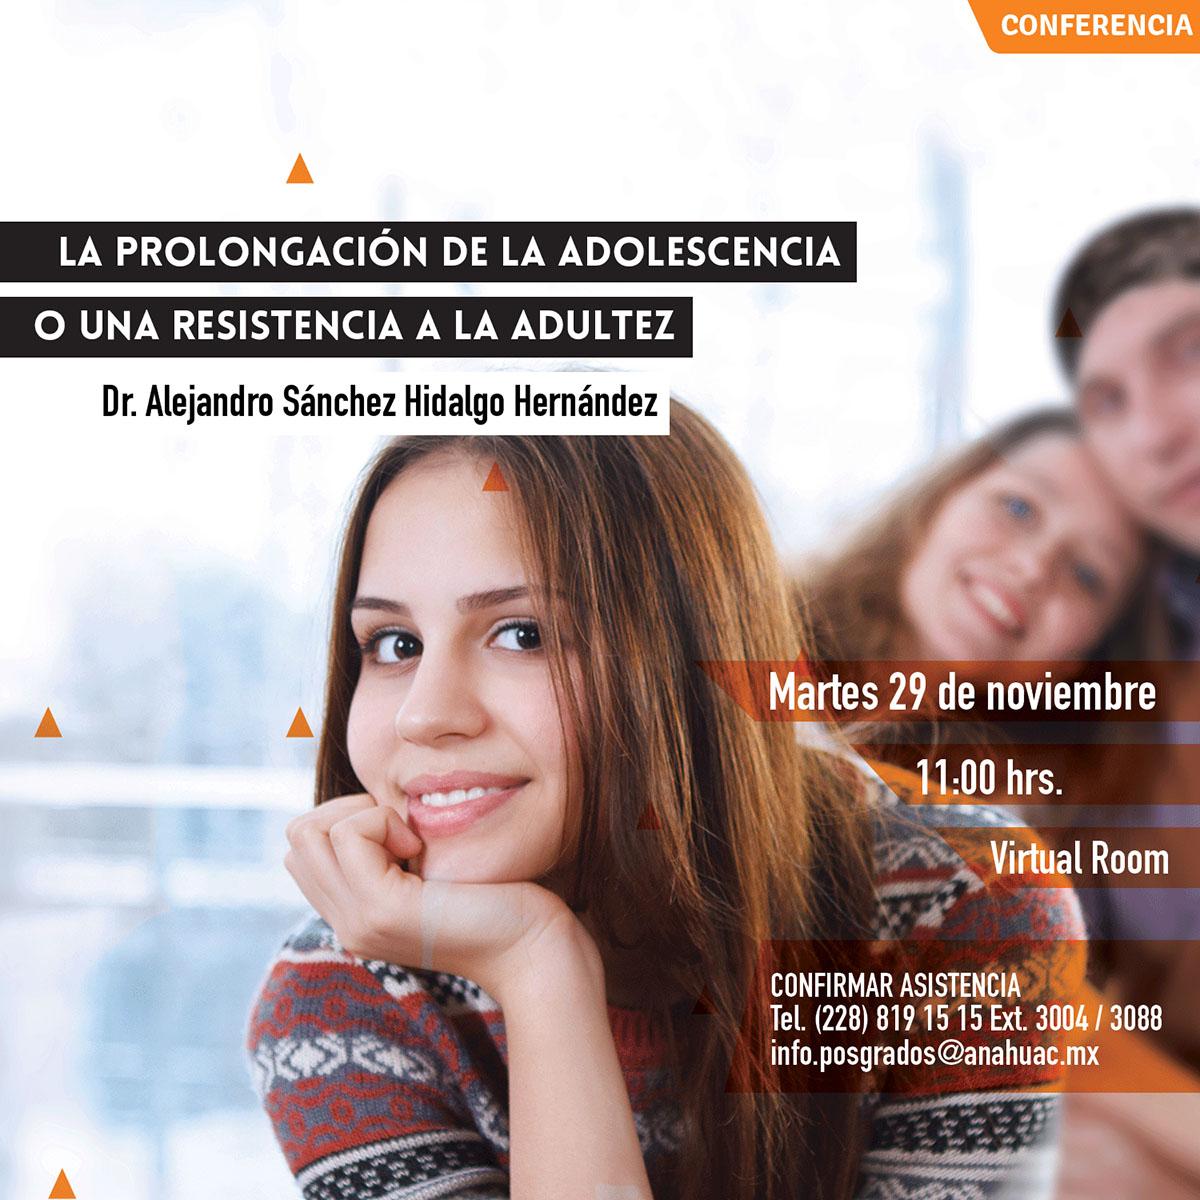 La prolongación de la adolescencia o una resistencia a la adultez